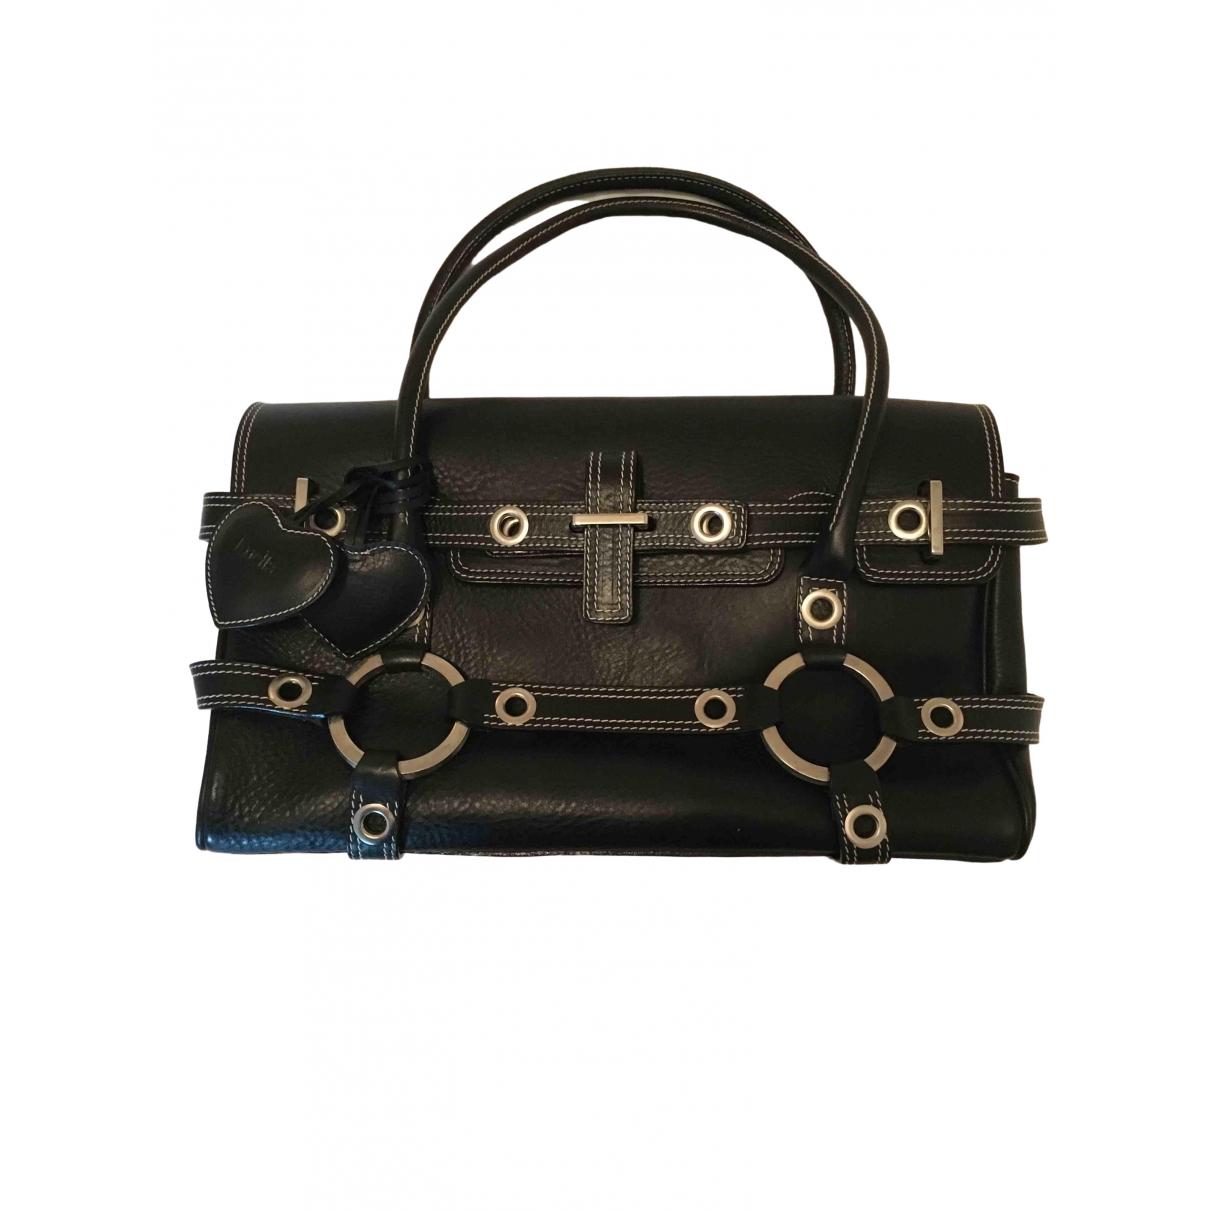 Luella \N Black Leather handbag for Women \N